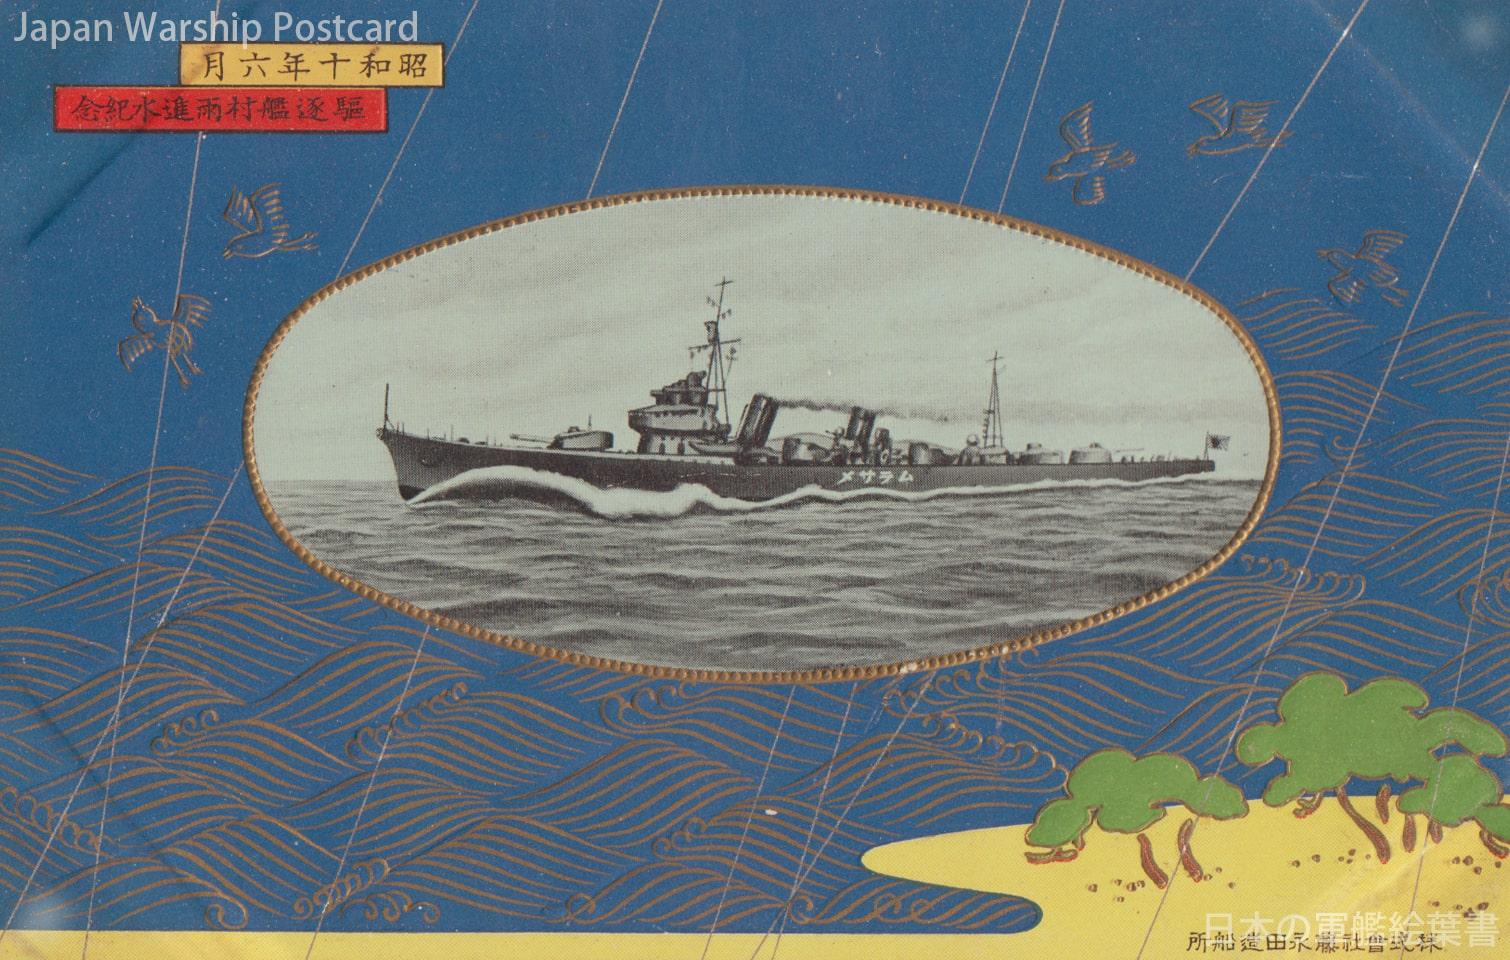 駆逐艦村雨進水記念